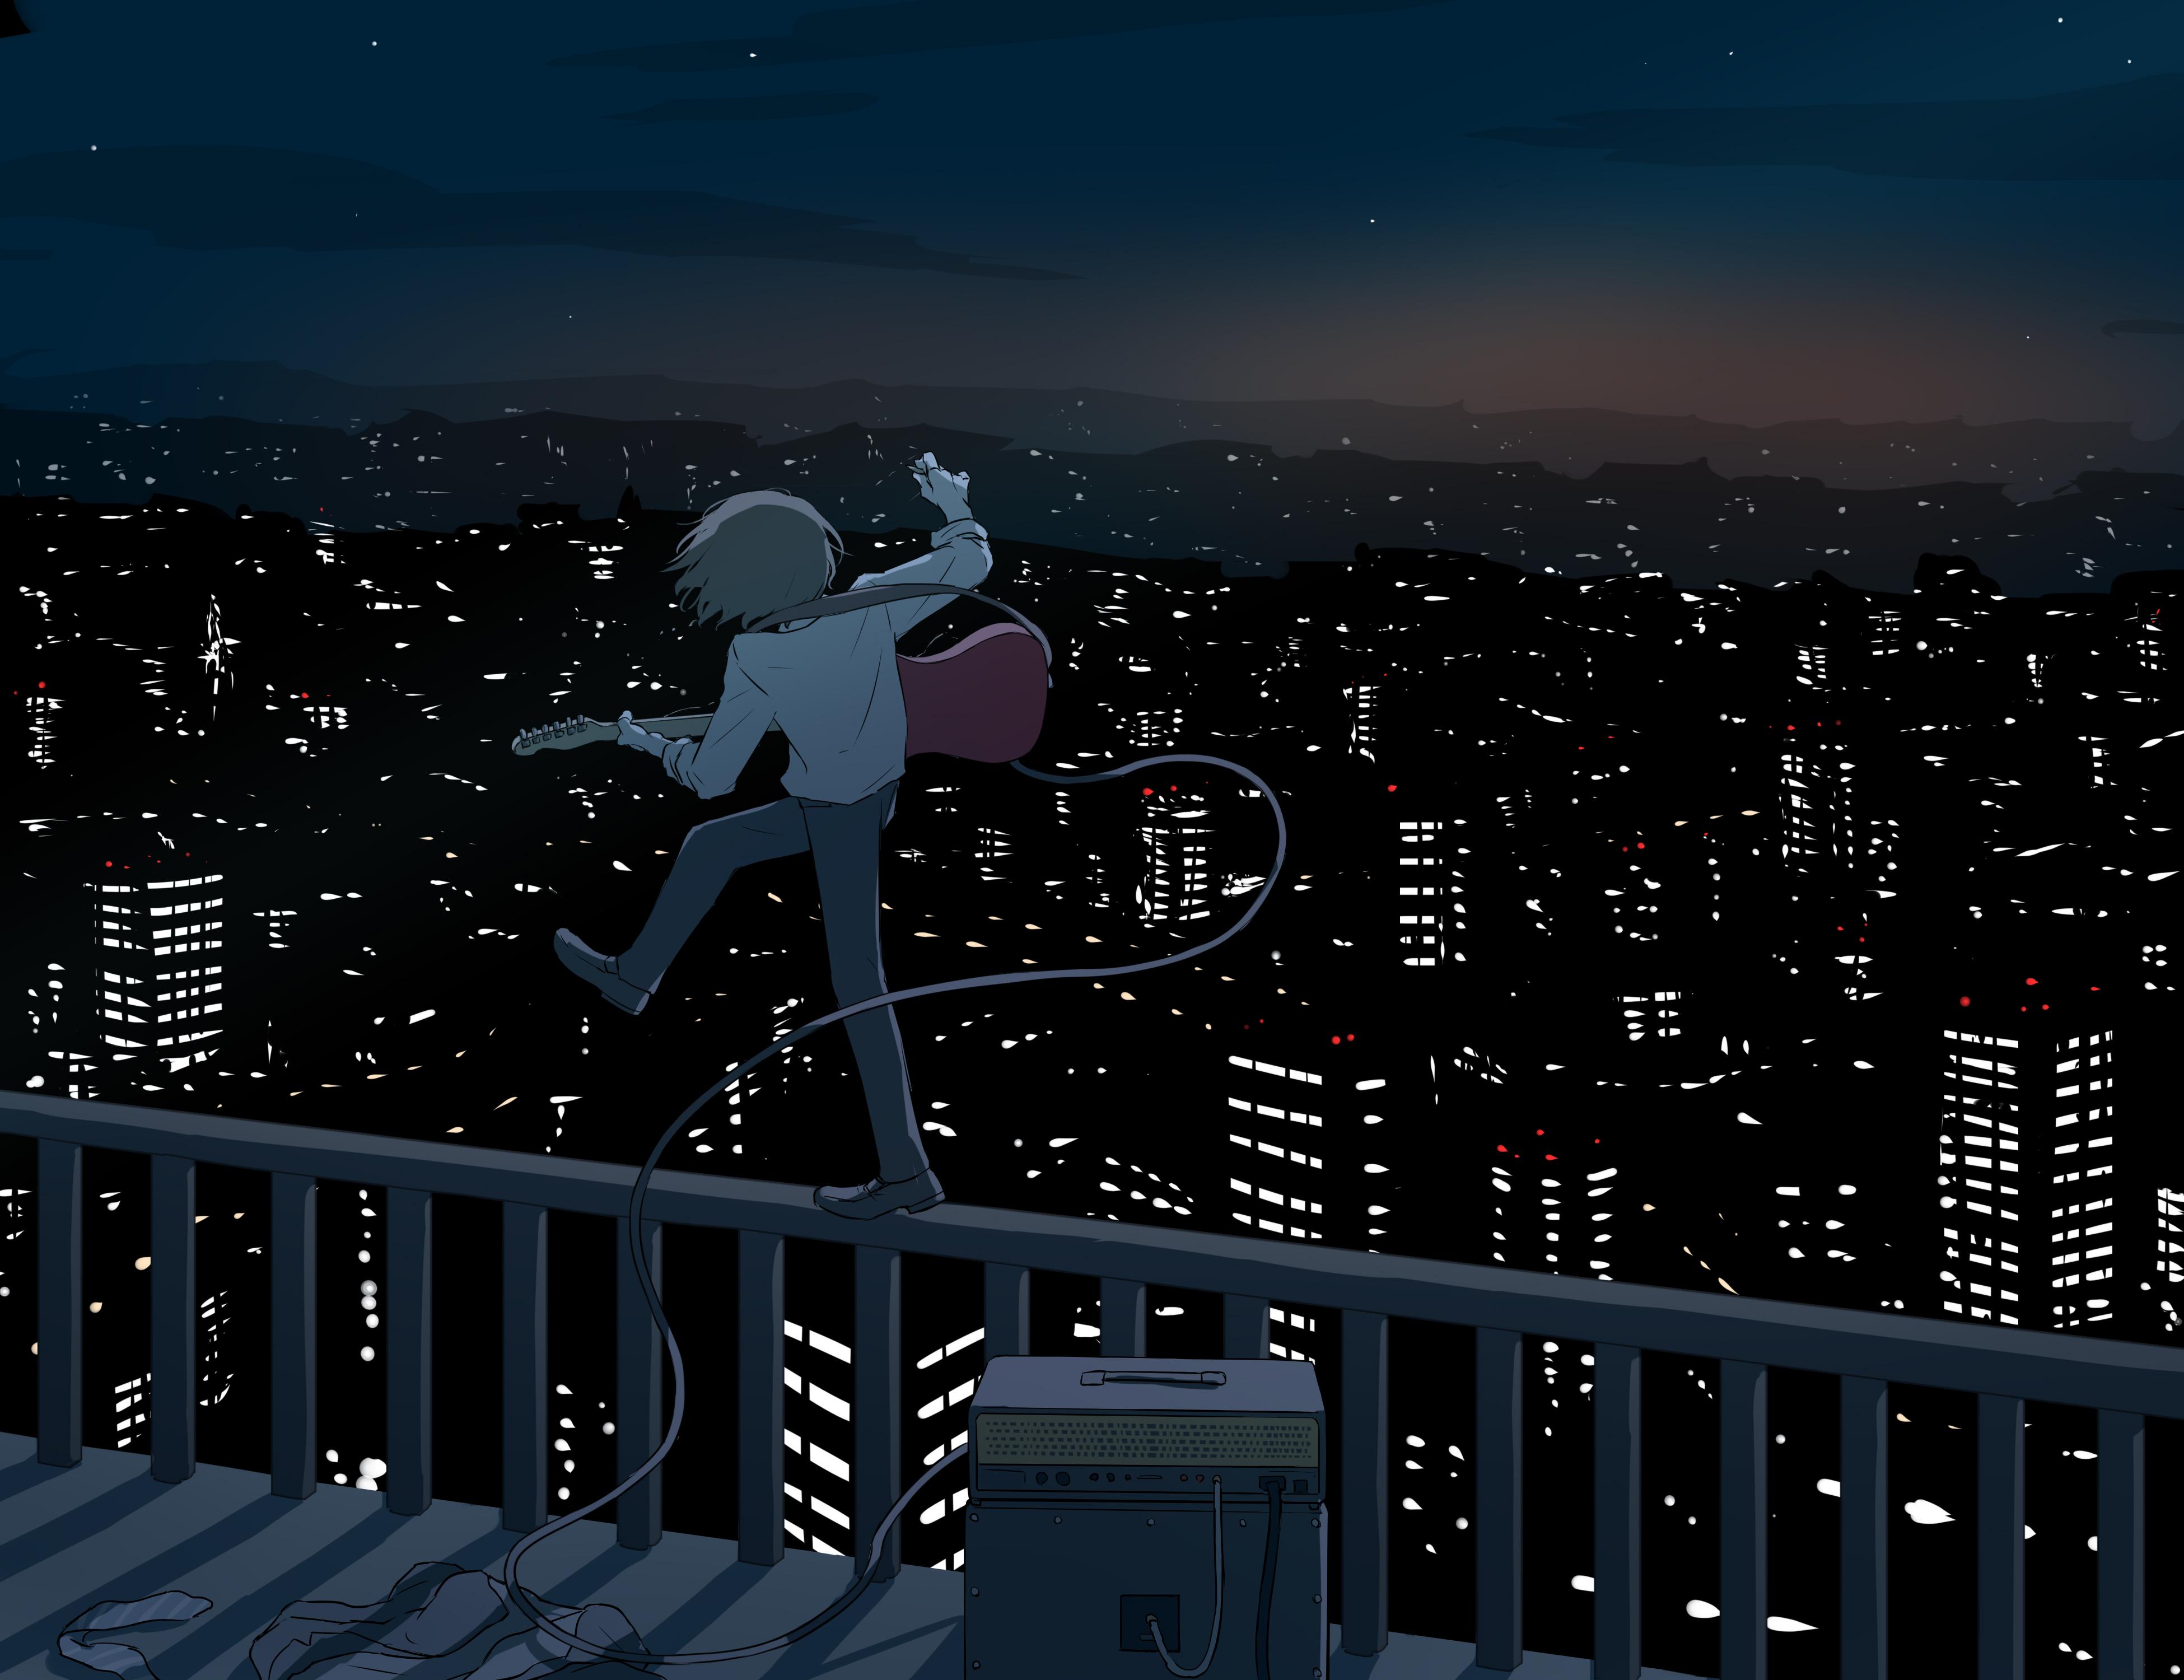 itotii-アボガド6 - 夜を切り裂いて